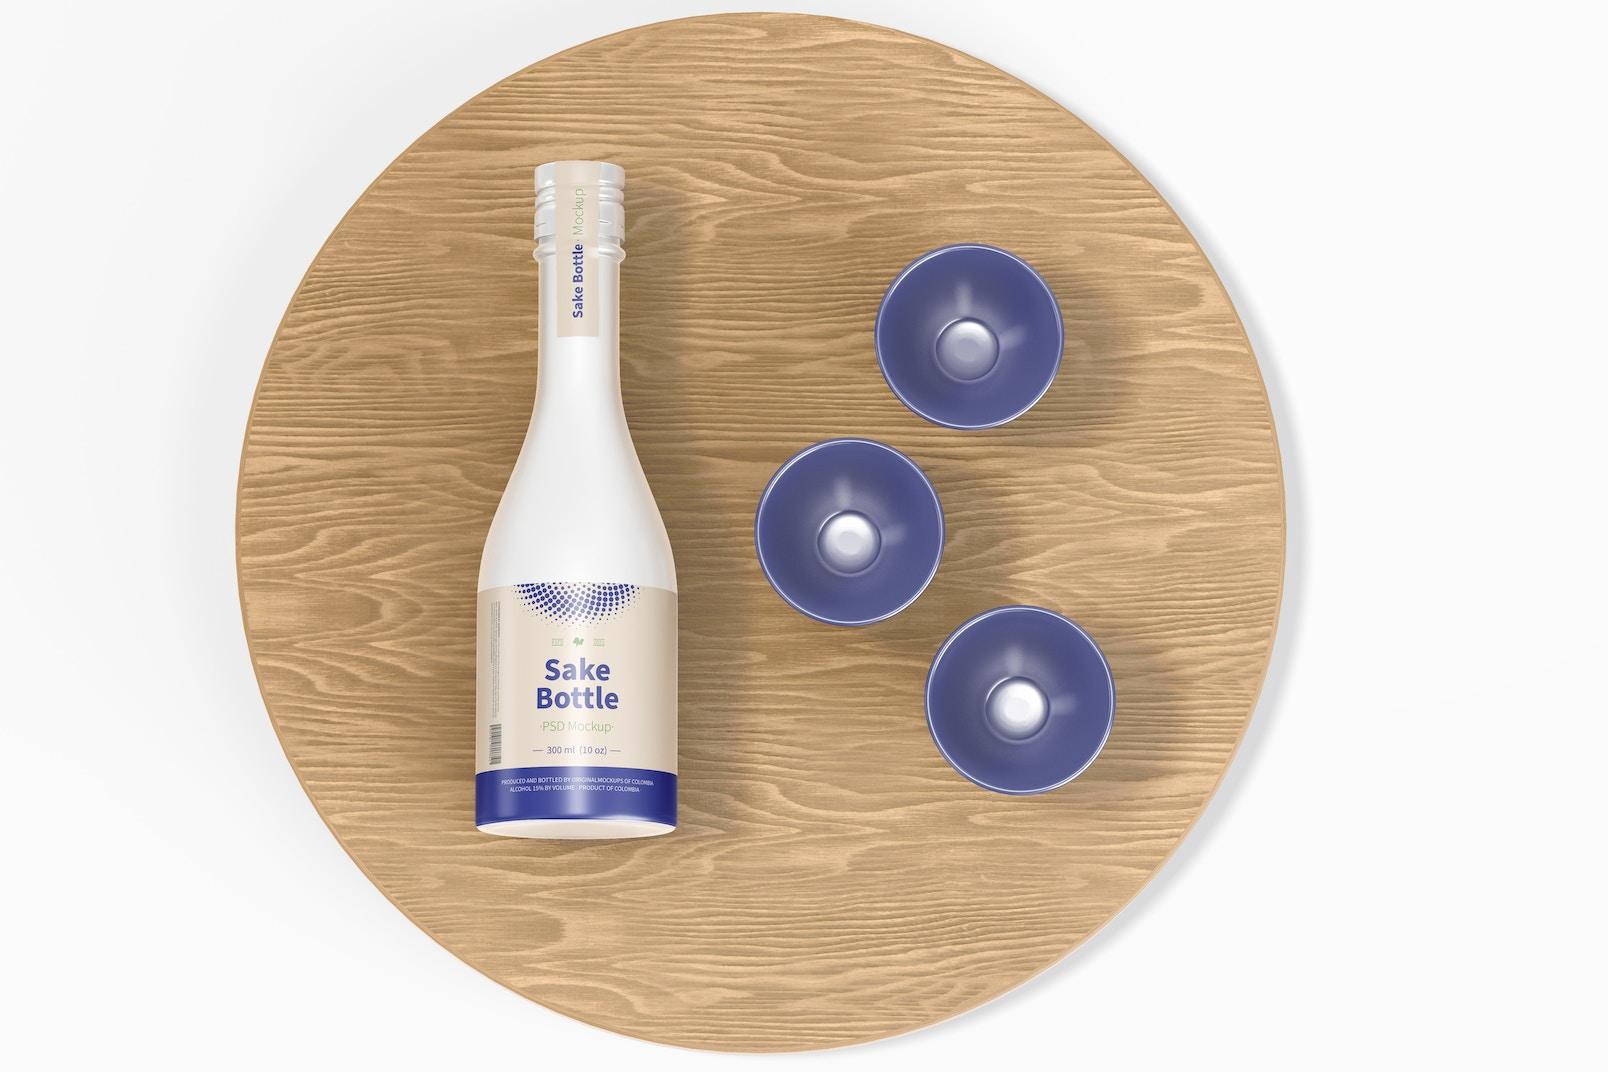 Maqueta de Botella de Sake, Vista Superior